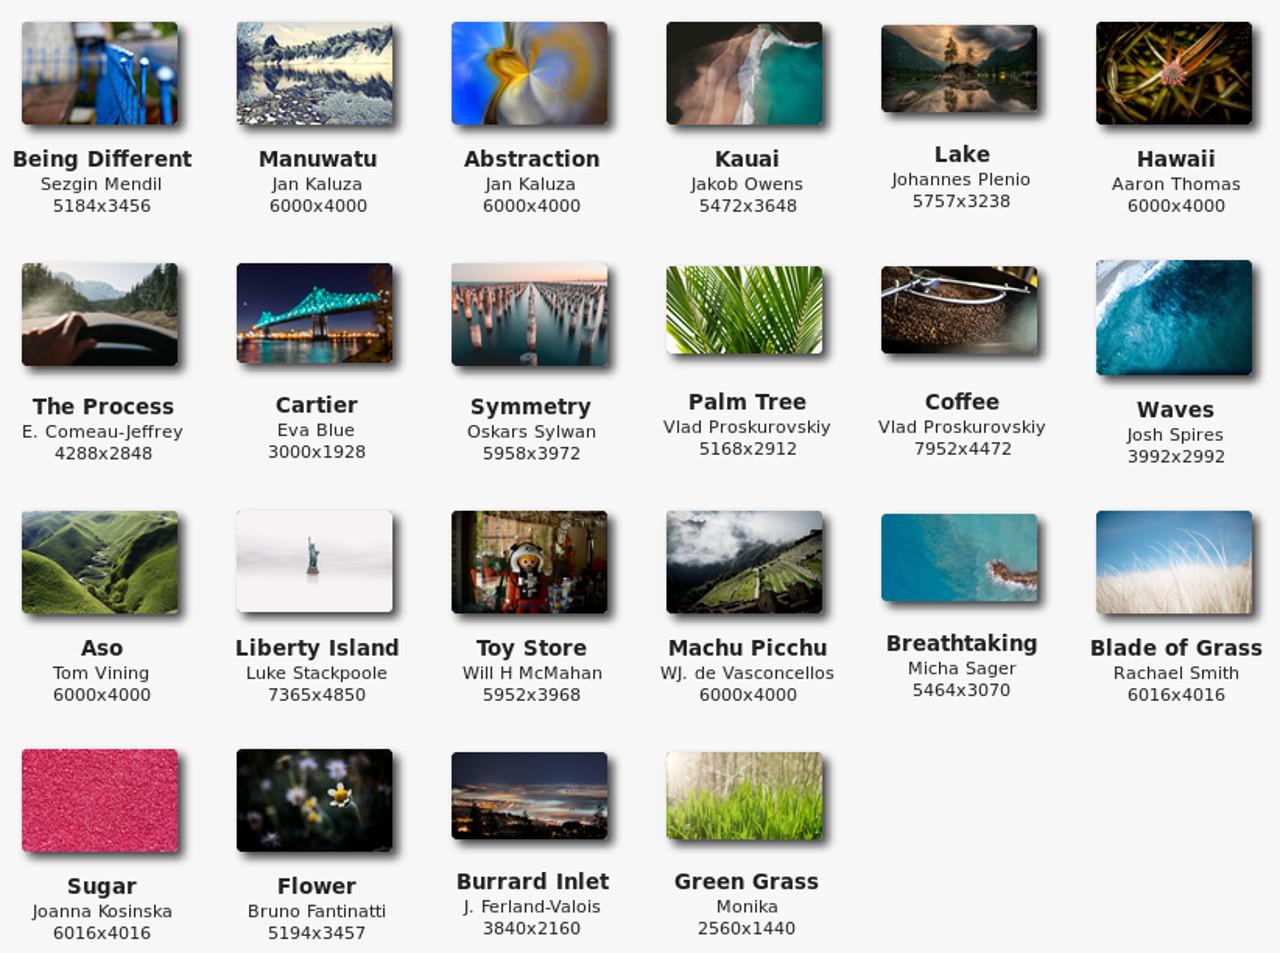 Стала доступна для скачивания финальная версия Linux Mint 19 сразу со всеми основными вариантами рабочих столов: Cinnamon, MATE и Xfce. Если вы только начинаете знакомиться с удивительным миром Linux, то поясню: Cinnamon – это самый передовой и функциональный рабочий стол, который берёт свои истоки из GNOME 2 и был создан как альтернатива весьма спорному GNOME 3. С GNOME 3 вы можете познакомиться в Ubuntu или Kali Linux. MATE – также происходит от GNOME 2, но в отличии от Cinnamon, активно использующий нововведения для повышения удобства работы в операционной системе, MATE более консервативен. Фактически, это просто актуальная версия GNOME 2. Xfce – это легковесный рабочий стол, он подойдёт владельцам очень старых компьютеров с маломощными ресурсами. Скачать Linux Mint 19 Linux Mint Cinnamon 19 x64 x86 Linux Mint MATE 19 x64 x86 Linux Mint Xfce 19 x64 x86 Что нового в Linux Mint 19 Чтобы узнать, какие нововведения нам принесла Linux Mint 19, а также как обновиться с предыдущих версий, читайте заметки: Как обновиться до Linux Mint 19 и что в ней нового На зеркала загружены образы Linux Mint 19 BETA